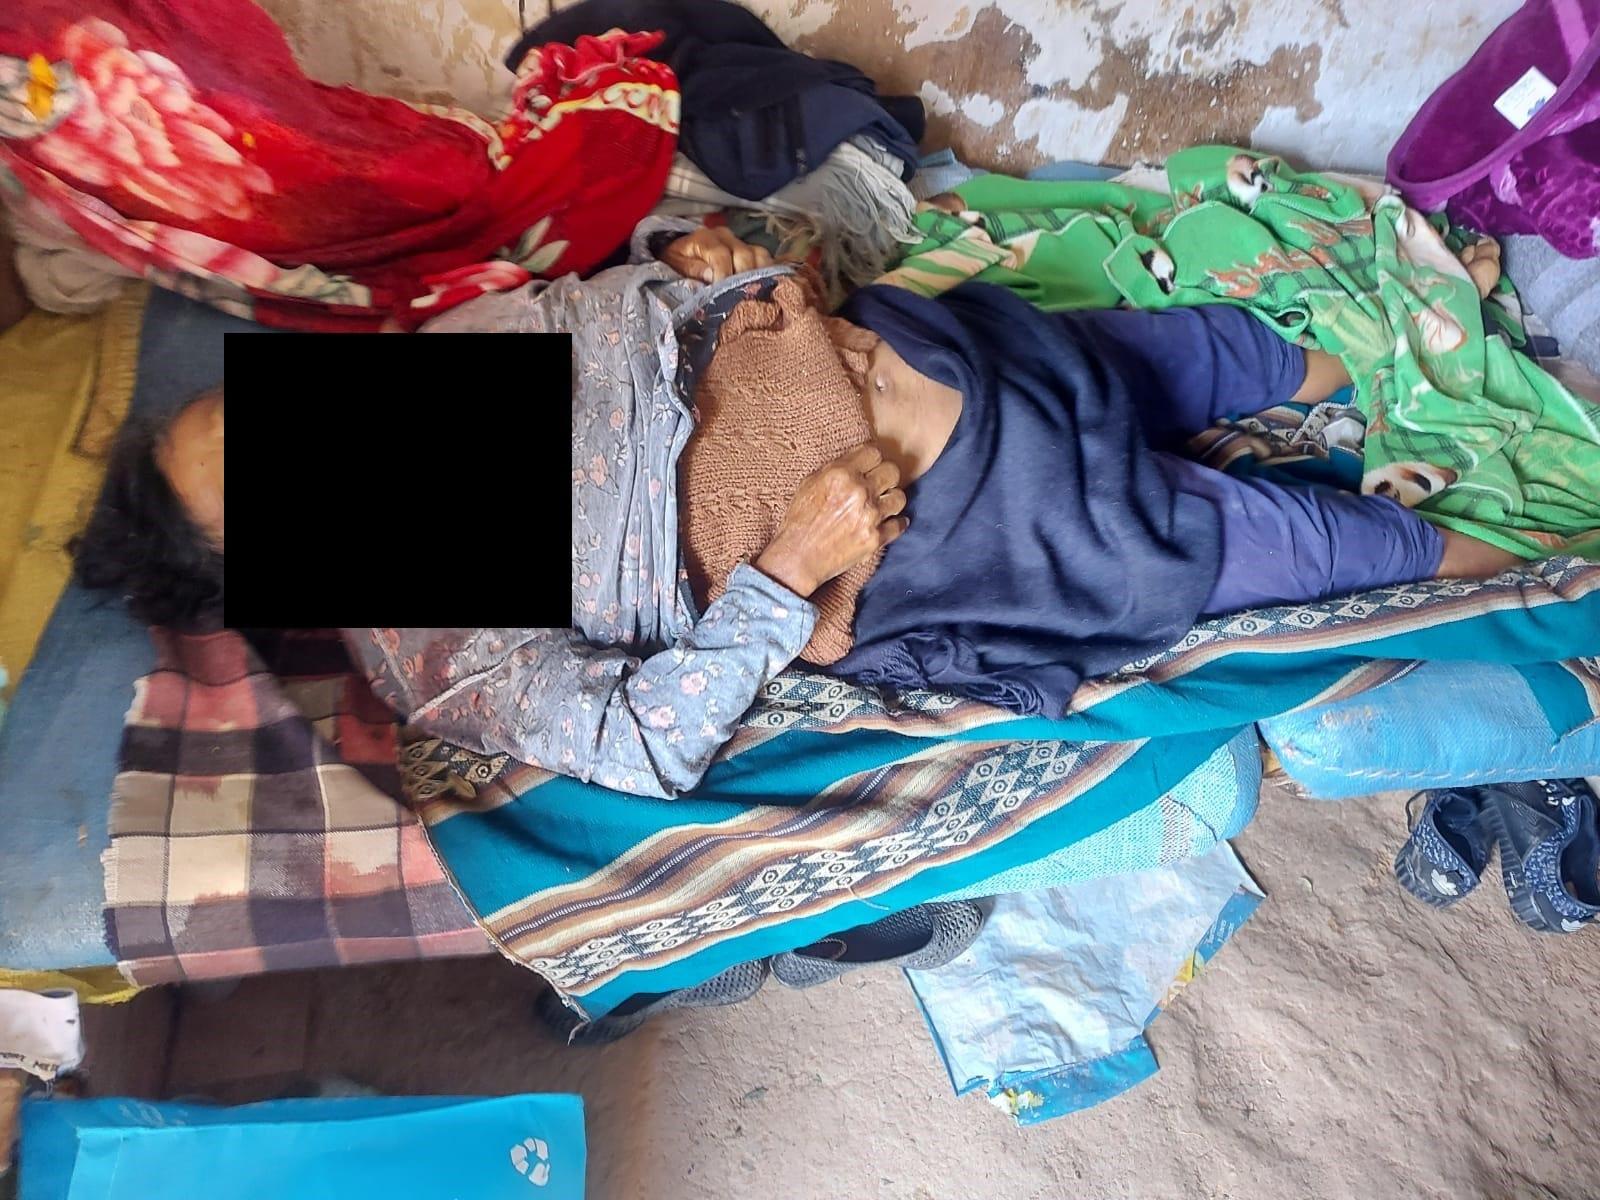 FELCV aclara que el presunto autor del feminicidio en Chulumani usó un arma de fuego